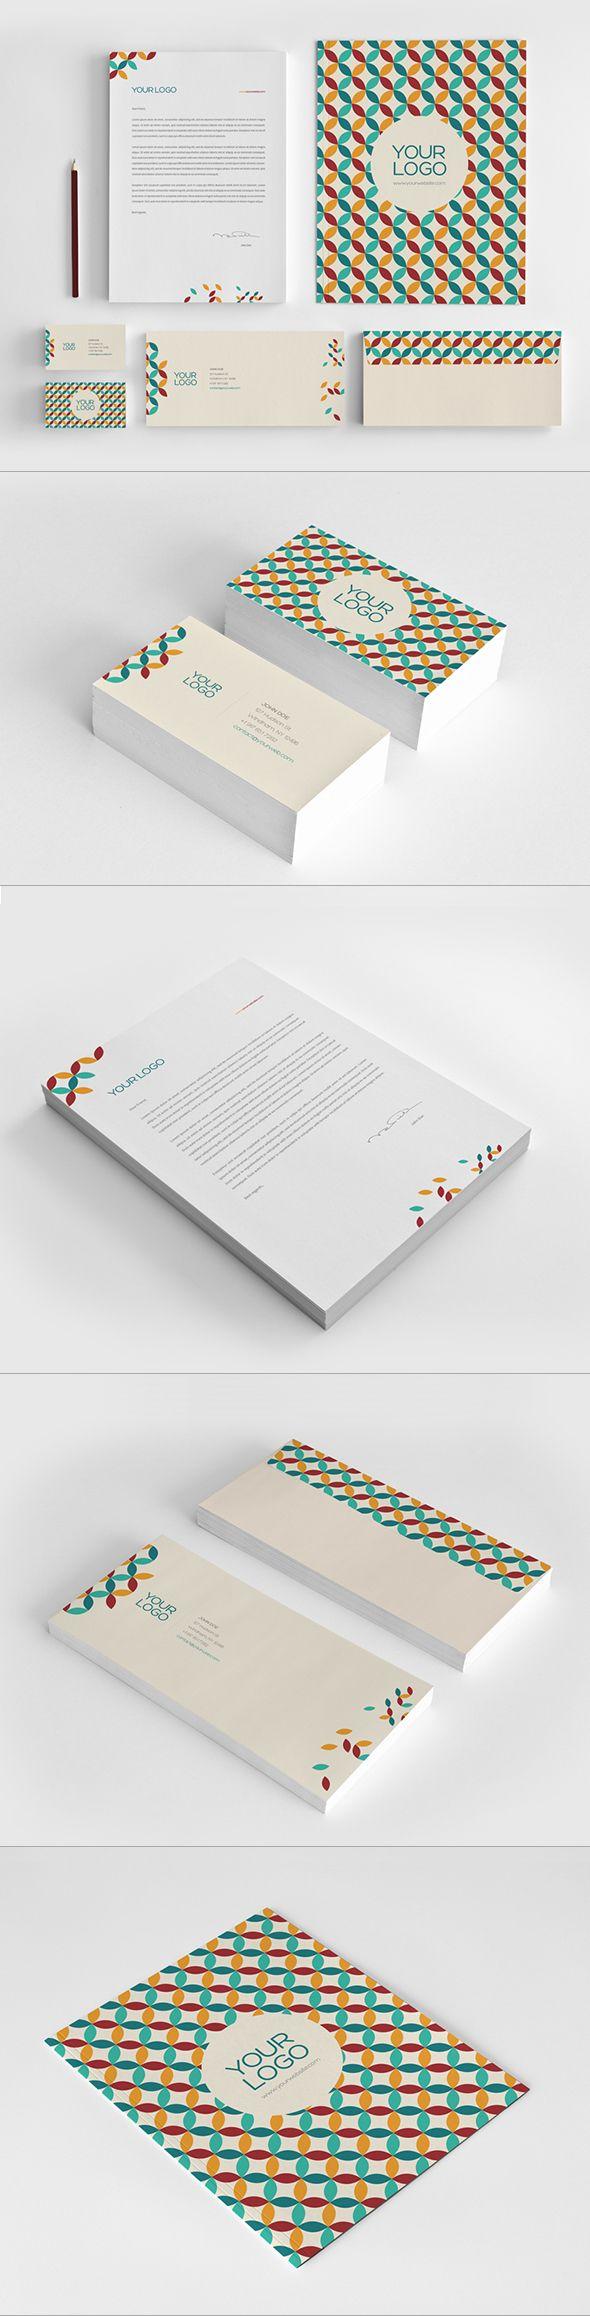 Retro Stationary Pack by Abra Design, via Behance